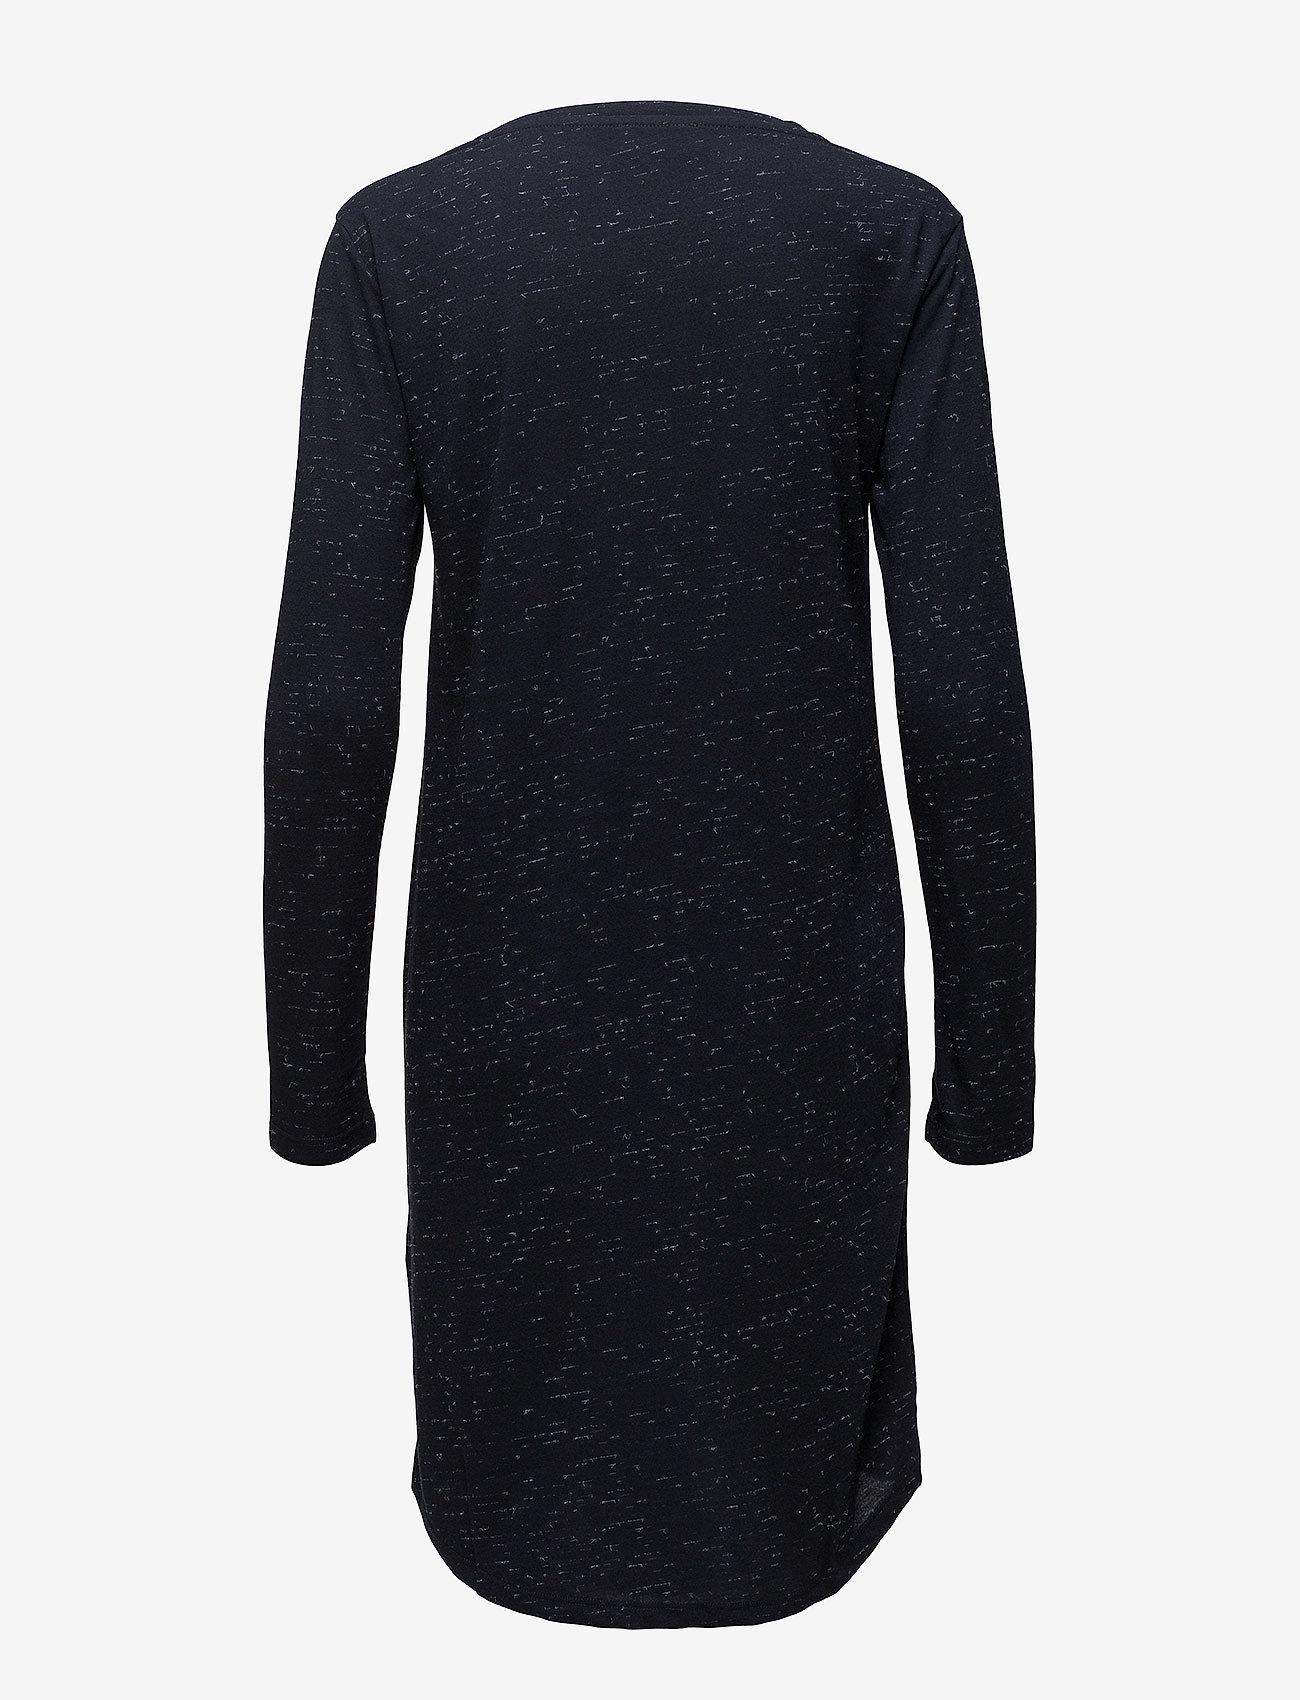 Casta Dress (Navy Sky) - Modström Wr4zru